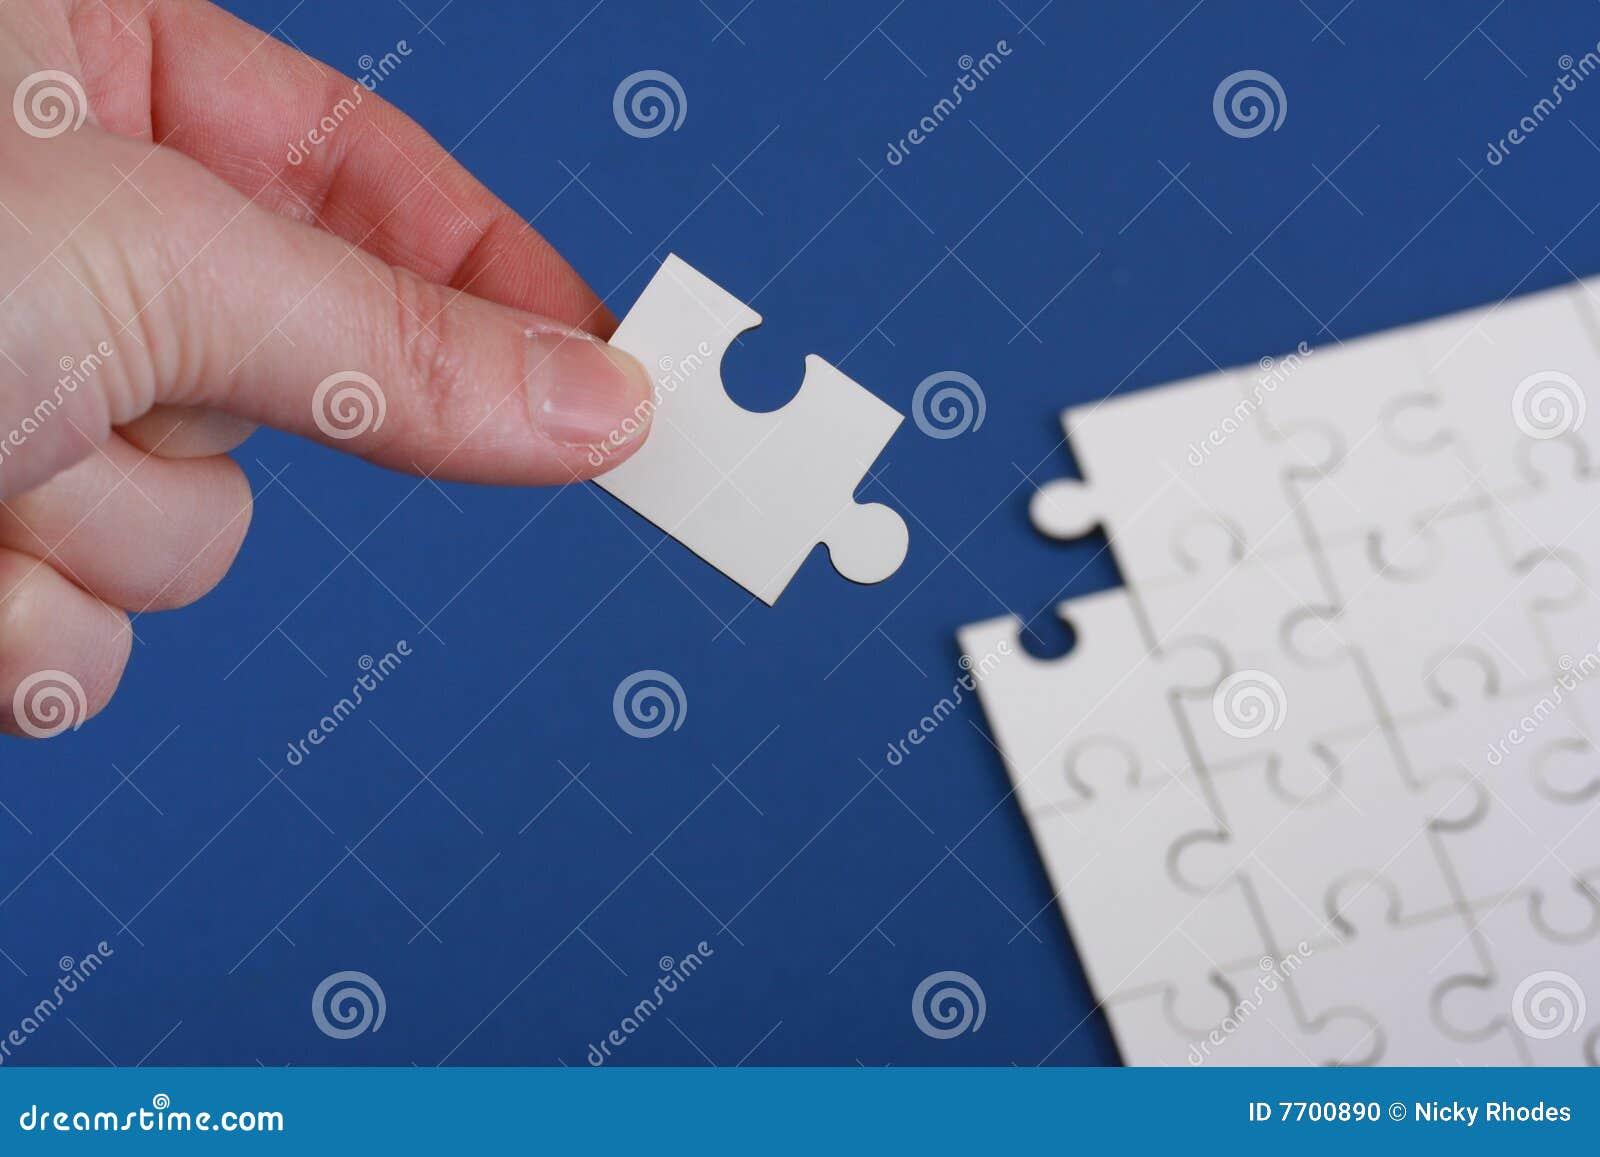 Handholdingecke der Tischlerbandsäge